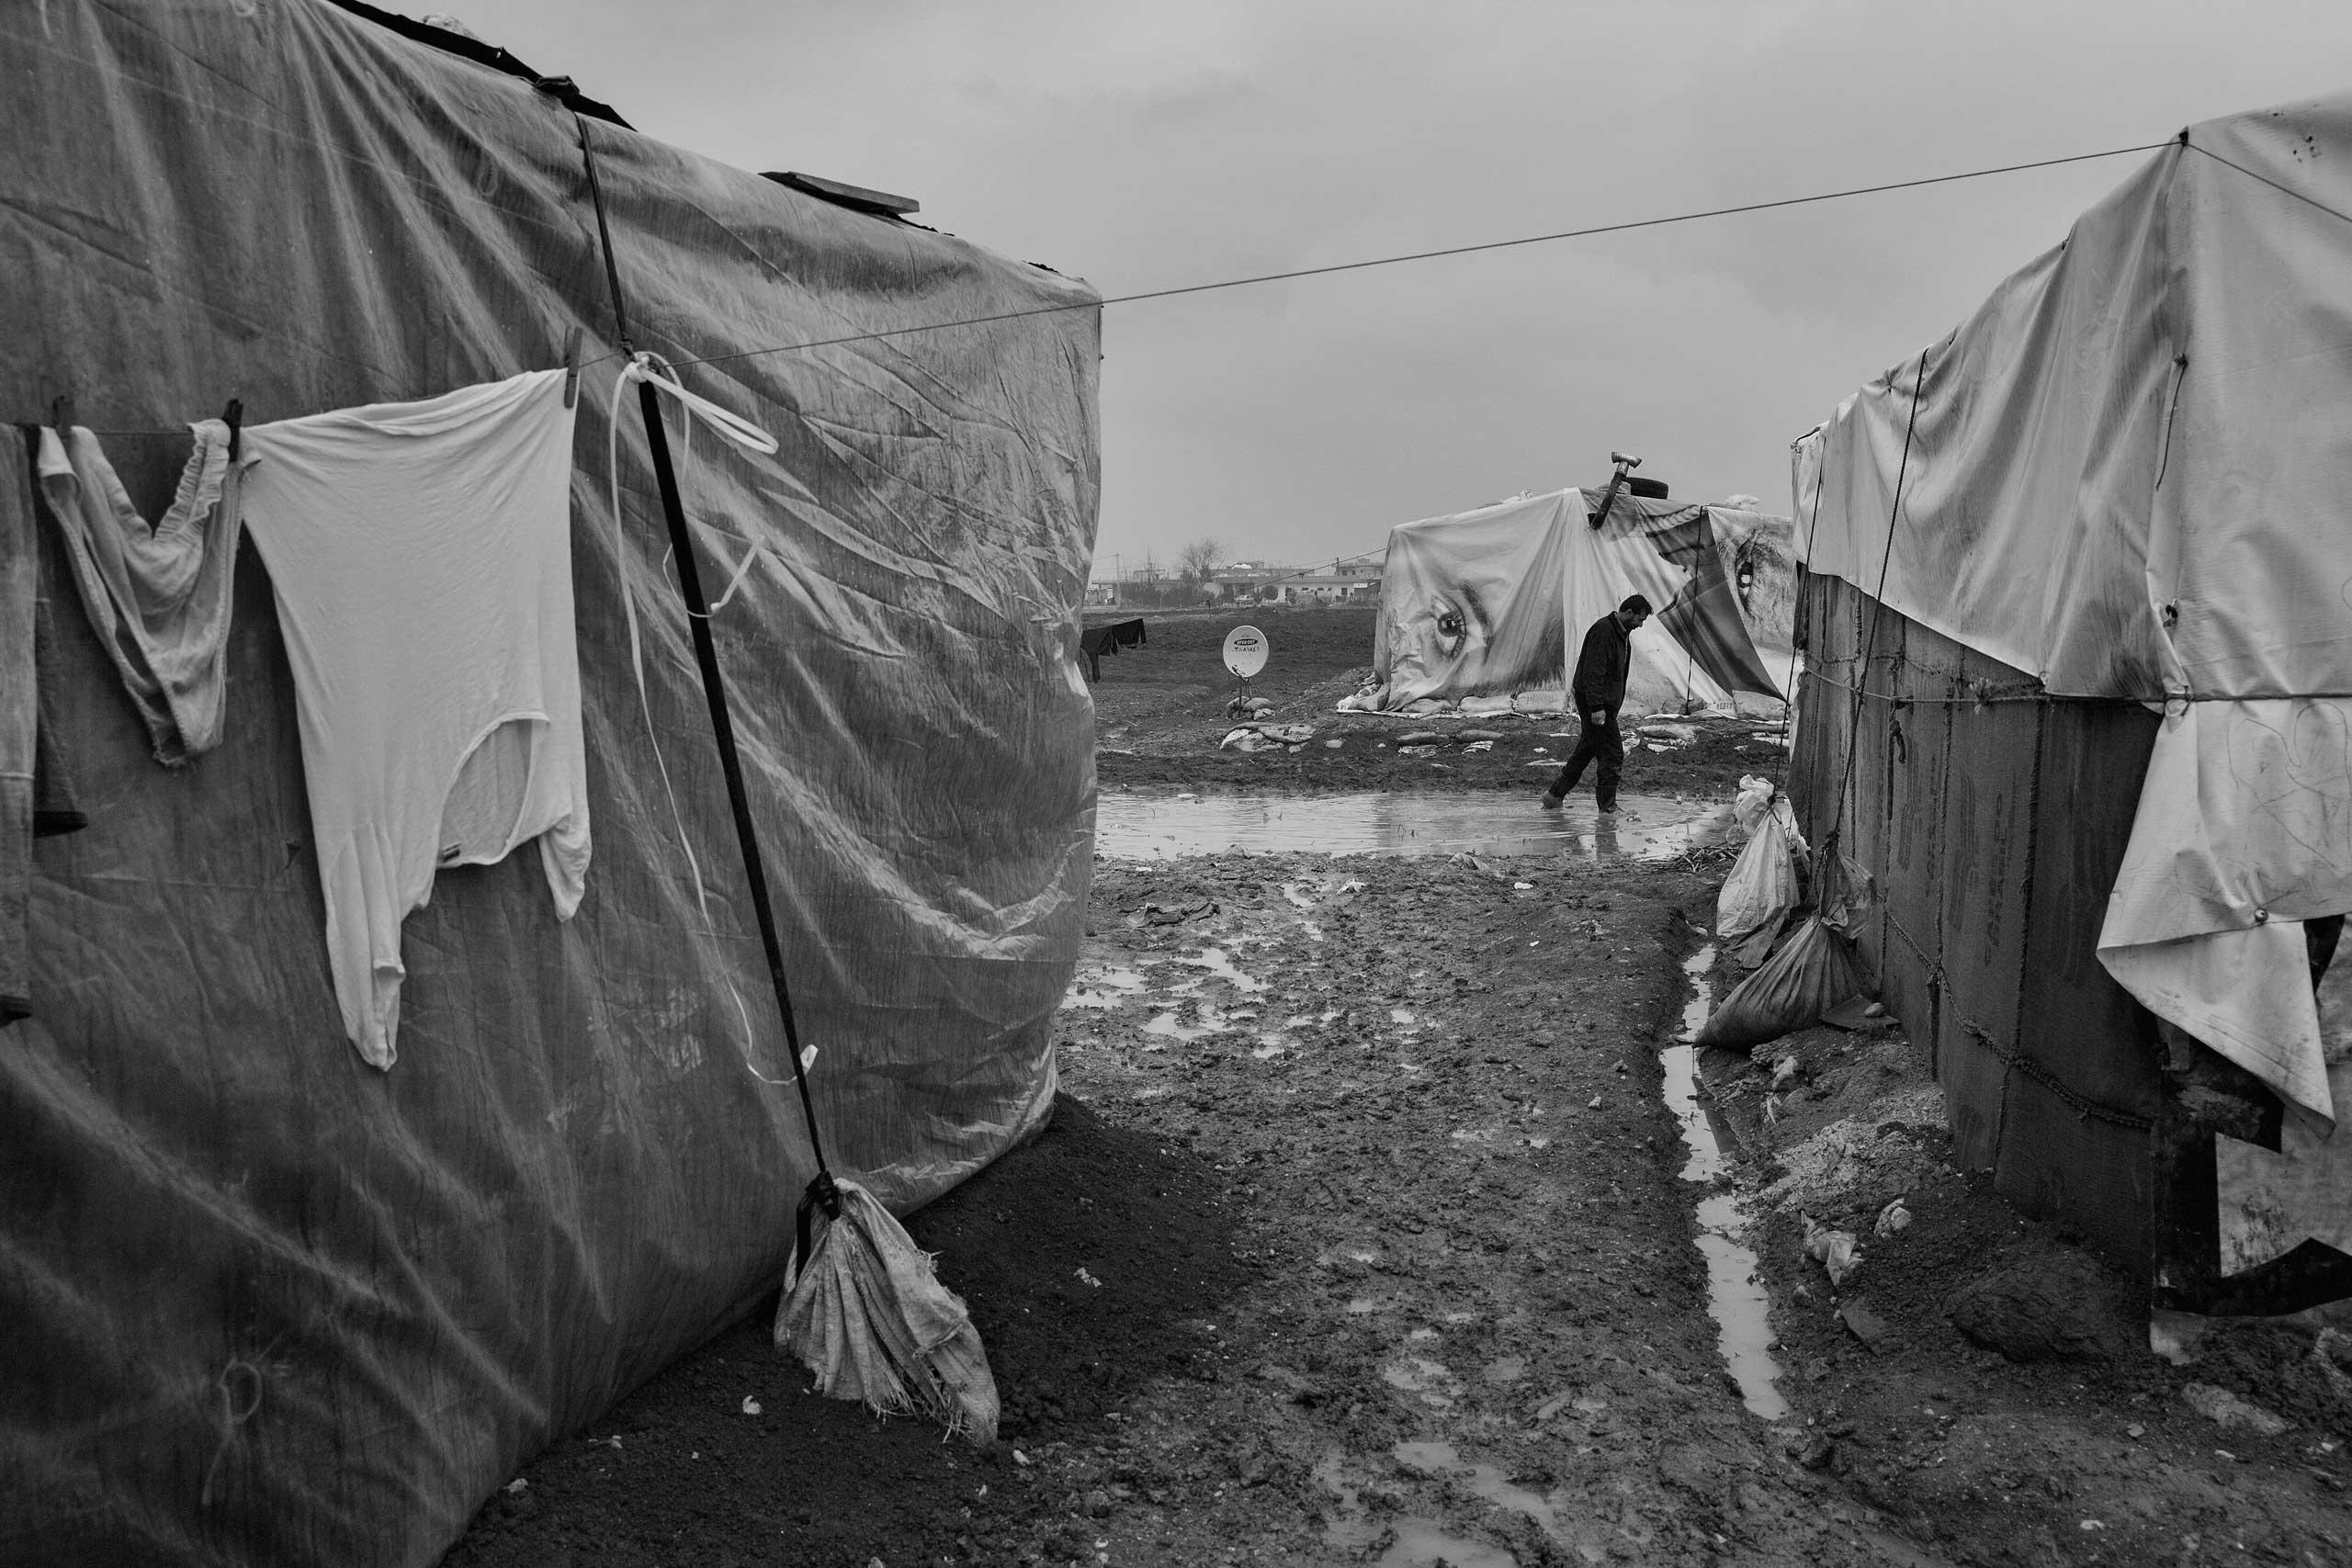 January 2014. Bekaa Valley, Lebanon. Syrian refugees in Lebanon's informal settlements.